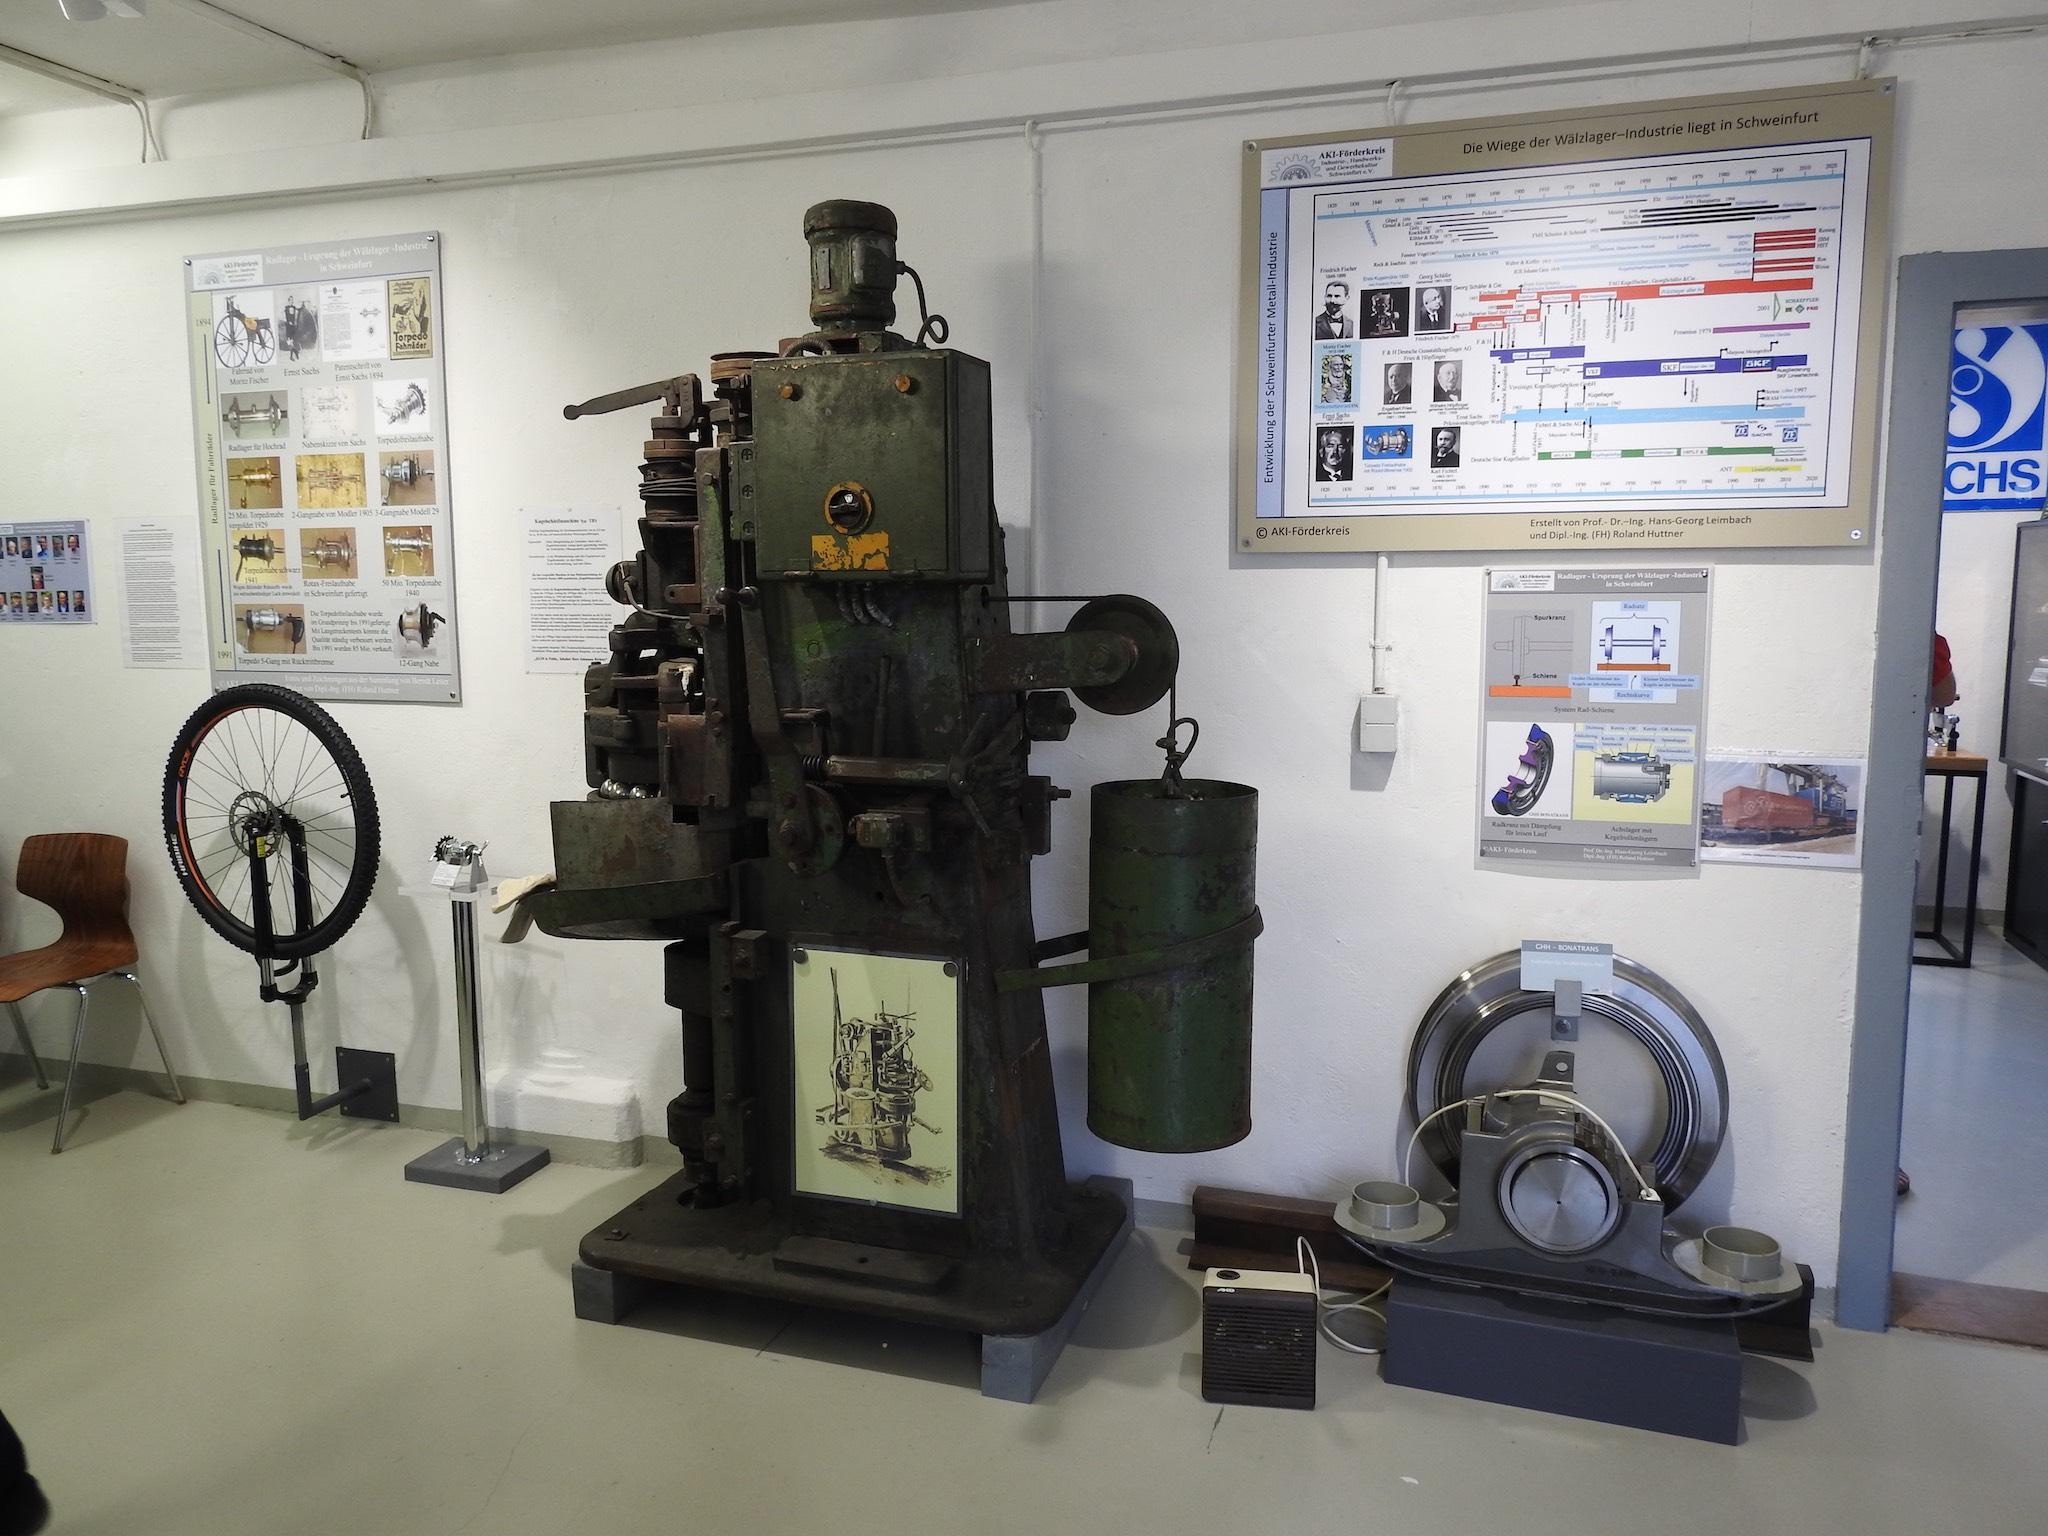 Das kleine Industriemuseum. Foto: Dirk Flieger